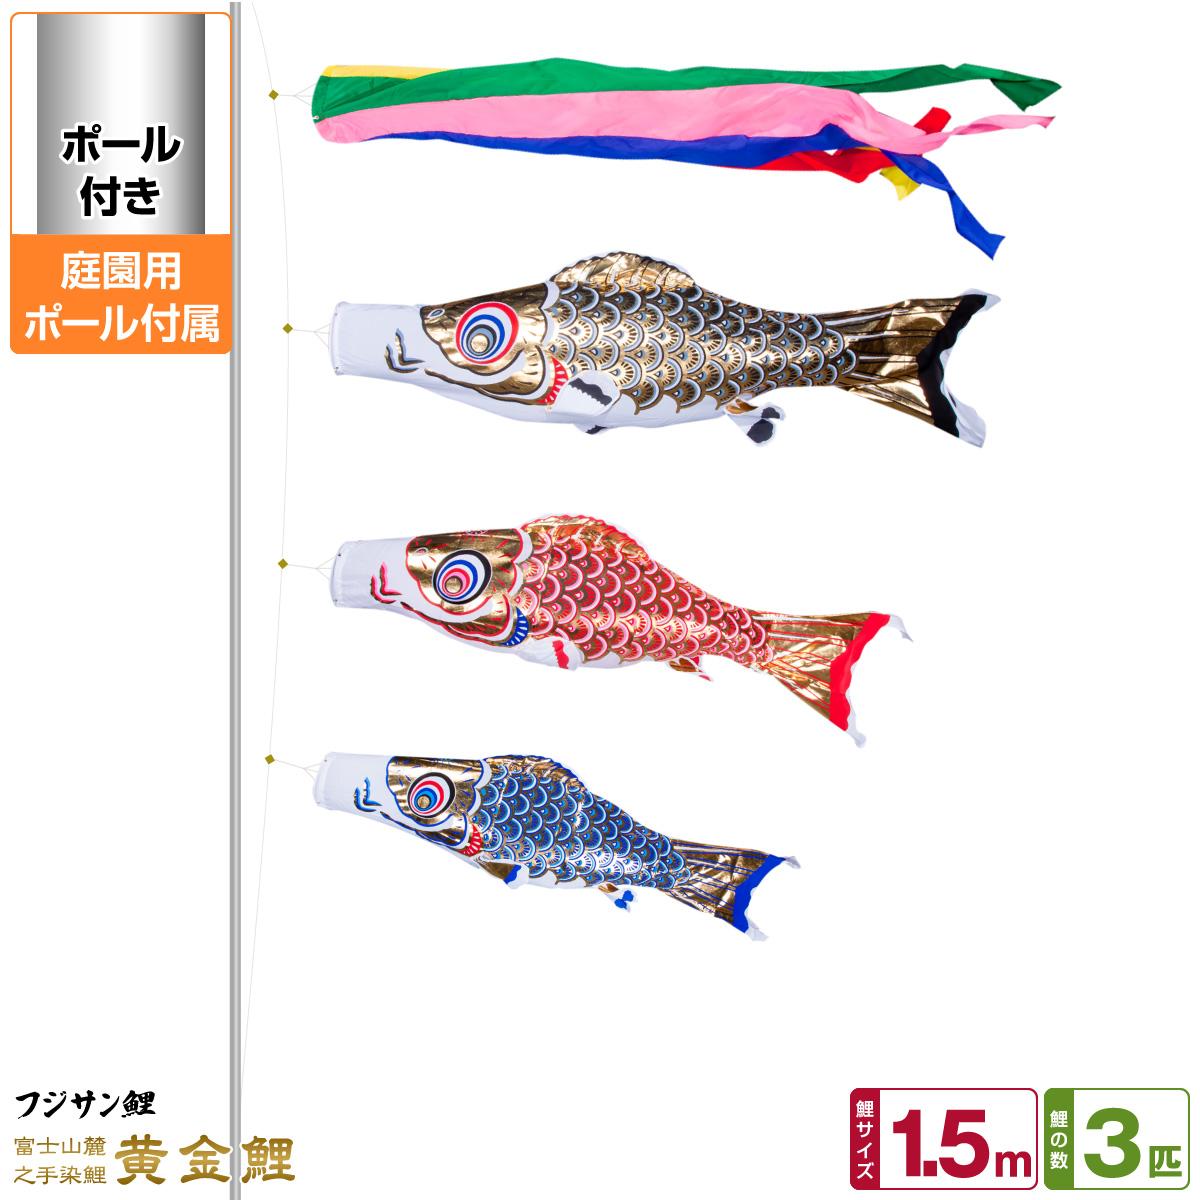 庭園用 こいのぼり 鯉のぼり フジサン鯉 黄金鯉 1.5m 6点セット(吹流し+鯉3匹+矢車+ロープ) 庭園 ポール付属 ガーデンセット